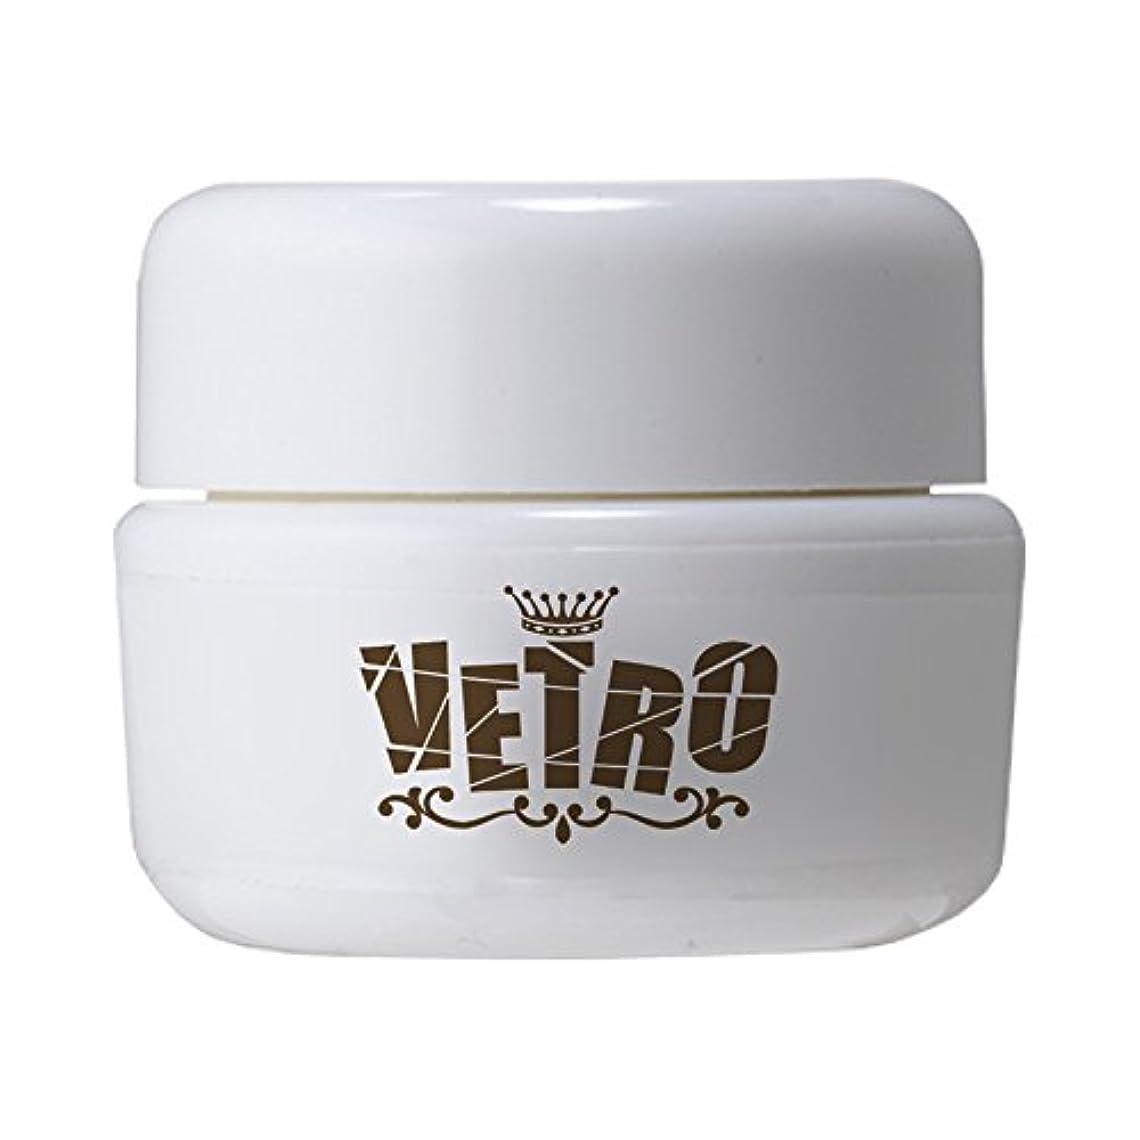 独特のでる砂VETRO No.19 カラージェル マット VL360 グラフィッティ 4ml